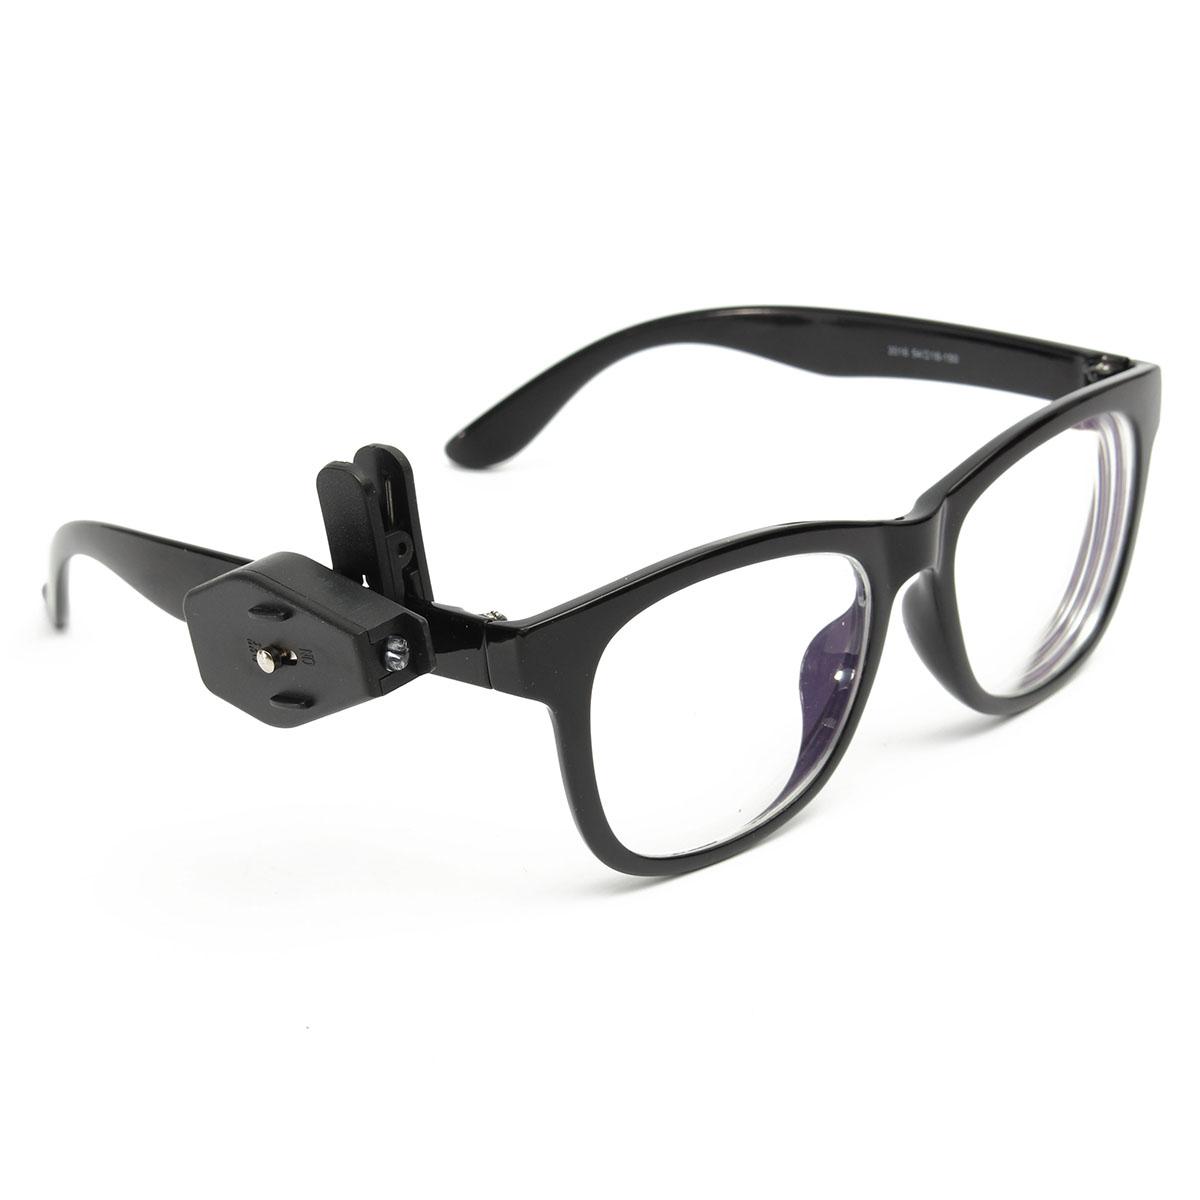 Универсальные гибкие мини-очки LED клип на свет очки для чтения ремонта лампы